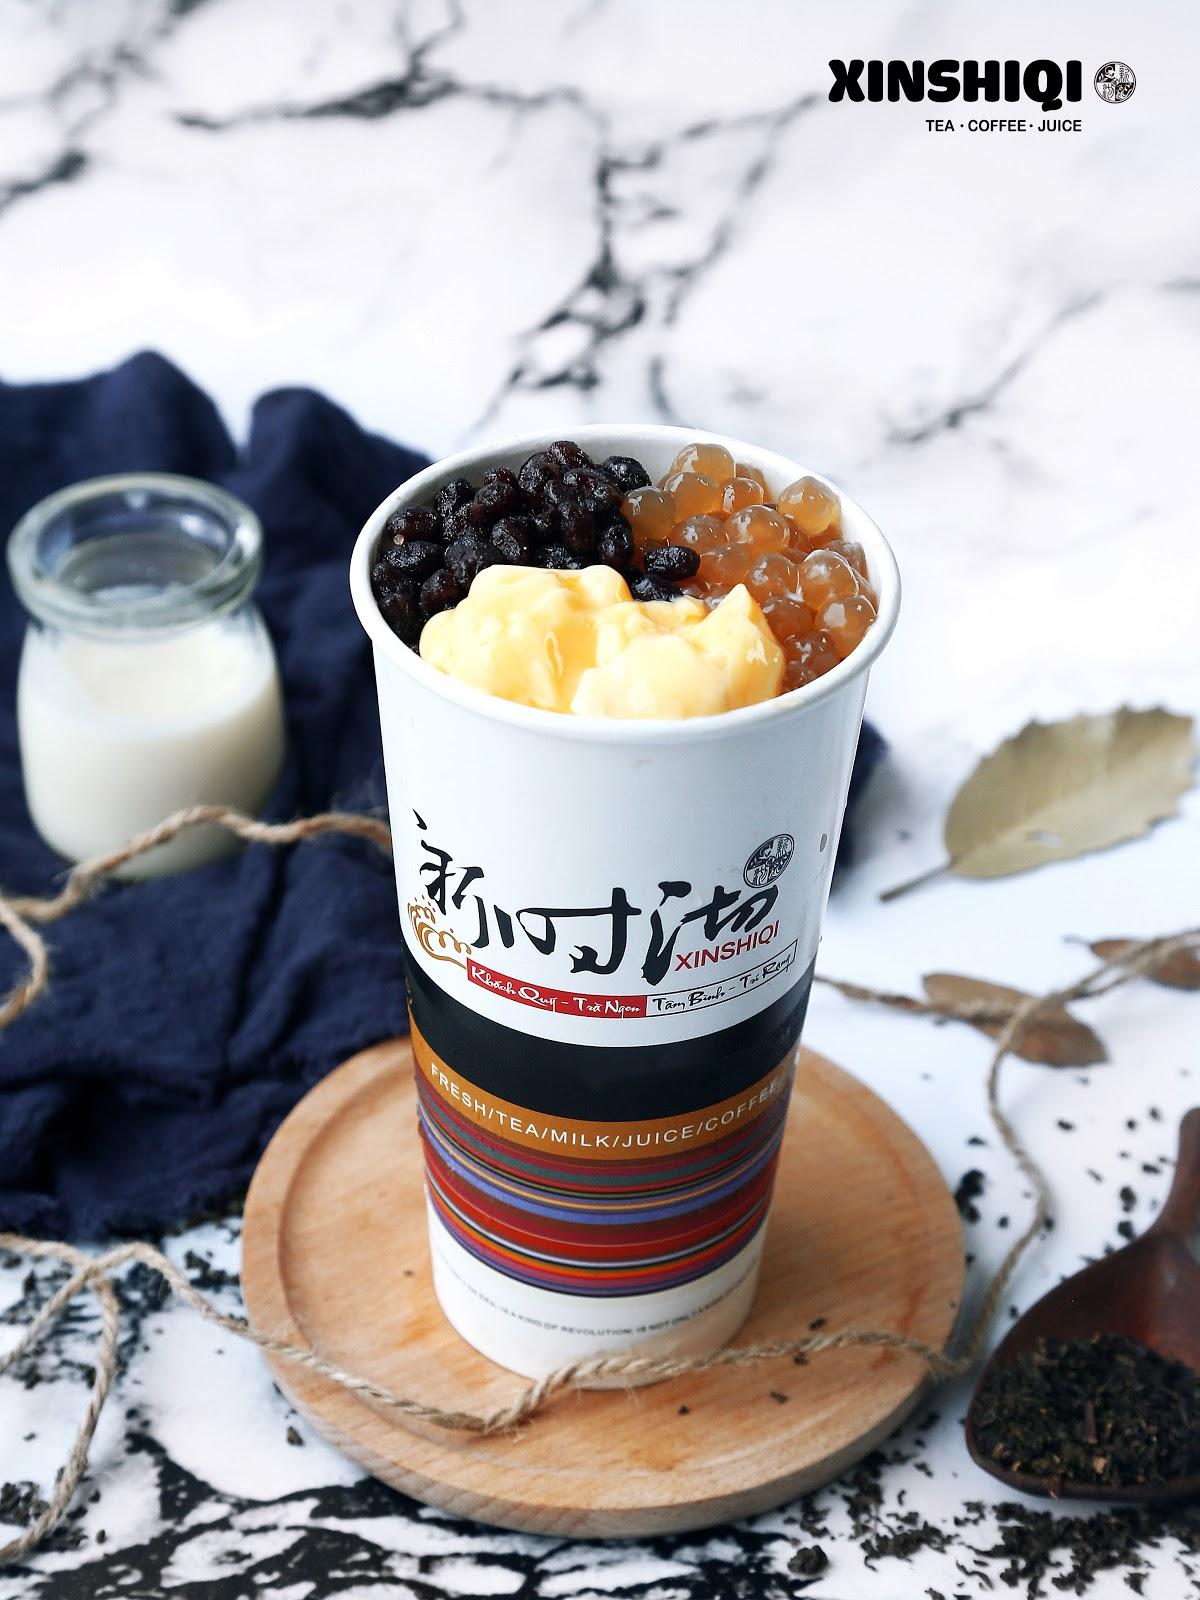 """Giấc mơ """"trà sữa không béo"""" của chị em công sở nay đã thành hiện thực với Xinshiqi2"""